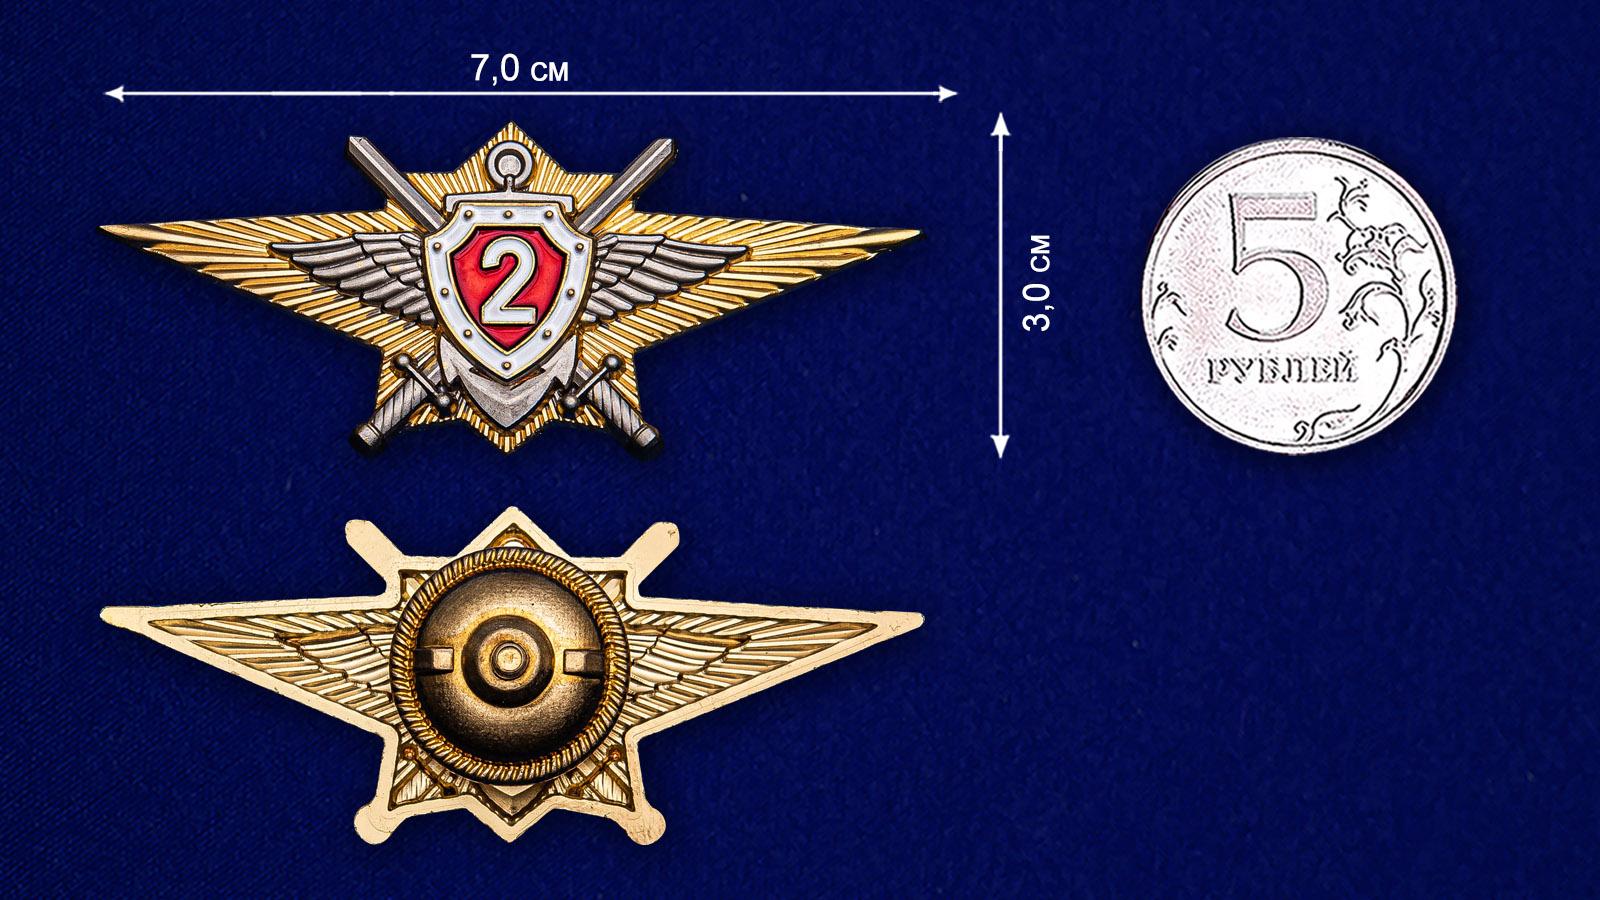 Нагрудный знак Росгвардии Классная квалификация (специалист 2-го класса) - сравнительный вид